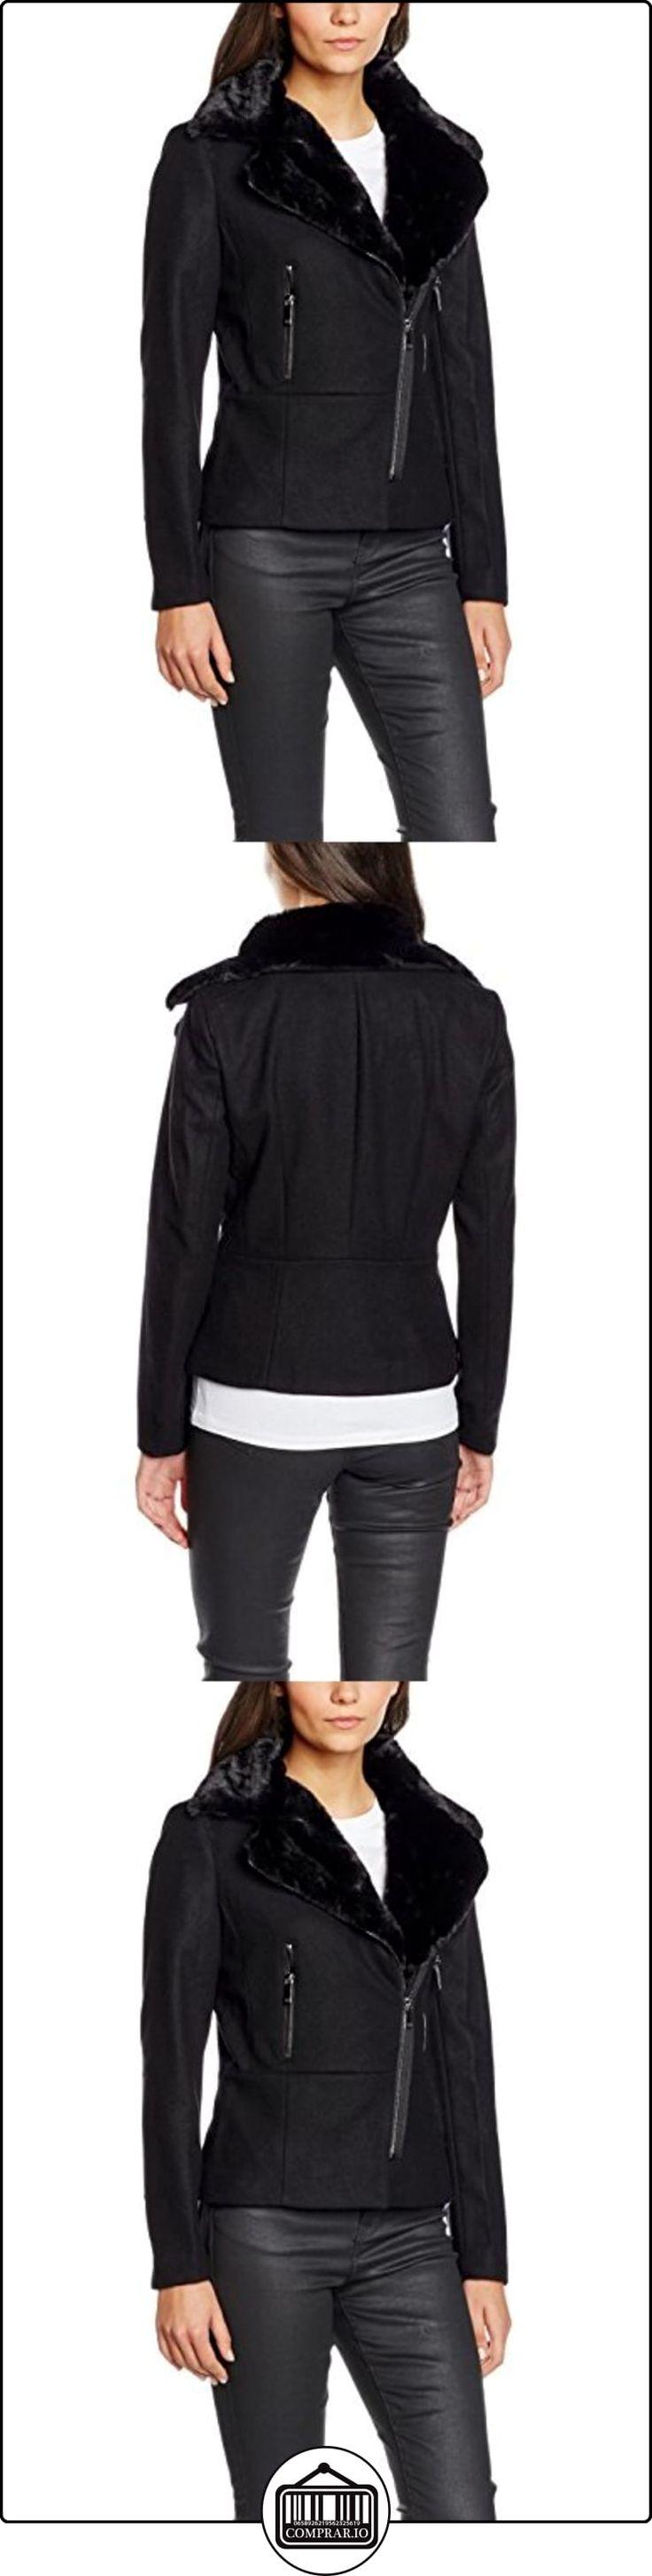 Morgan Gmarc, Impermeable para Mujer, Negro, 40  ✿ Abrigos y chaquetas ✿